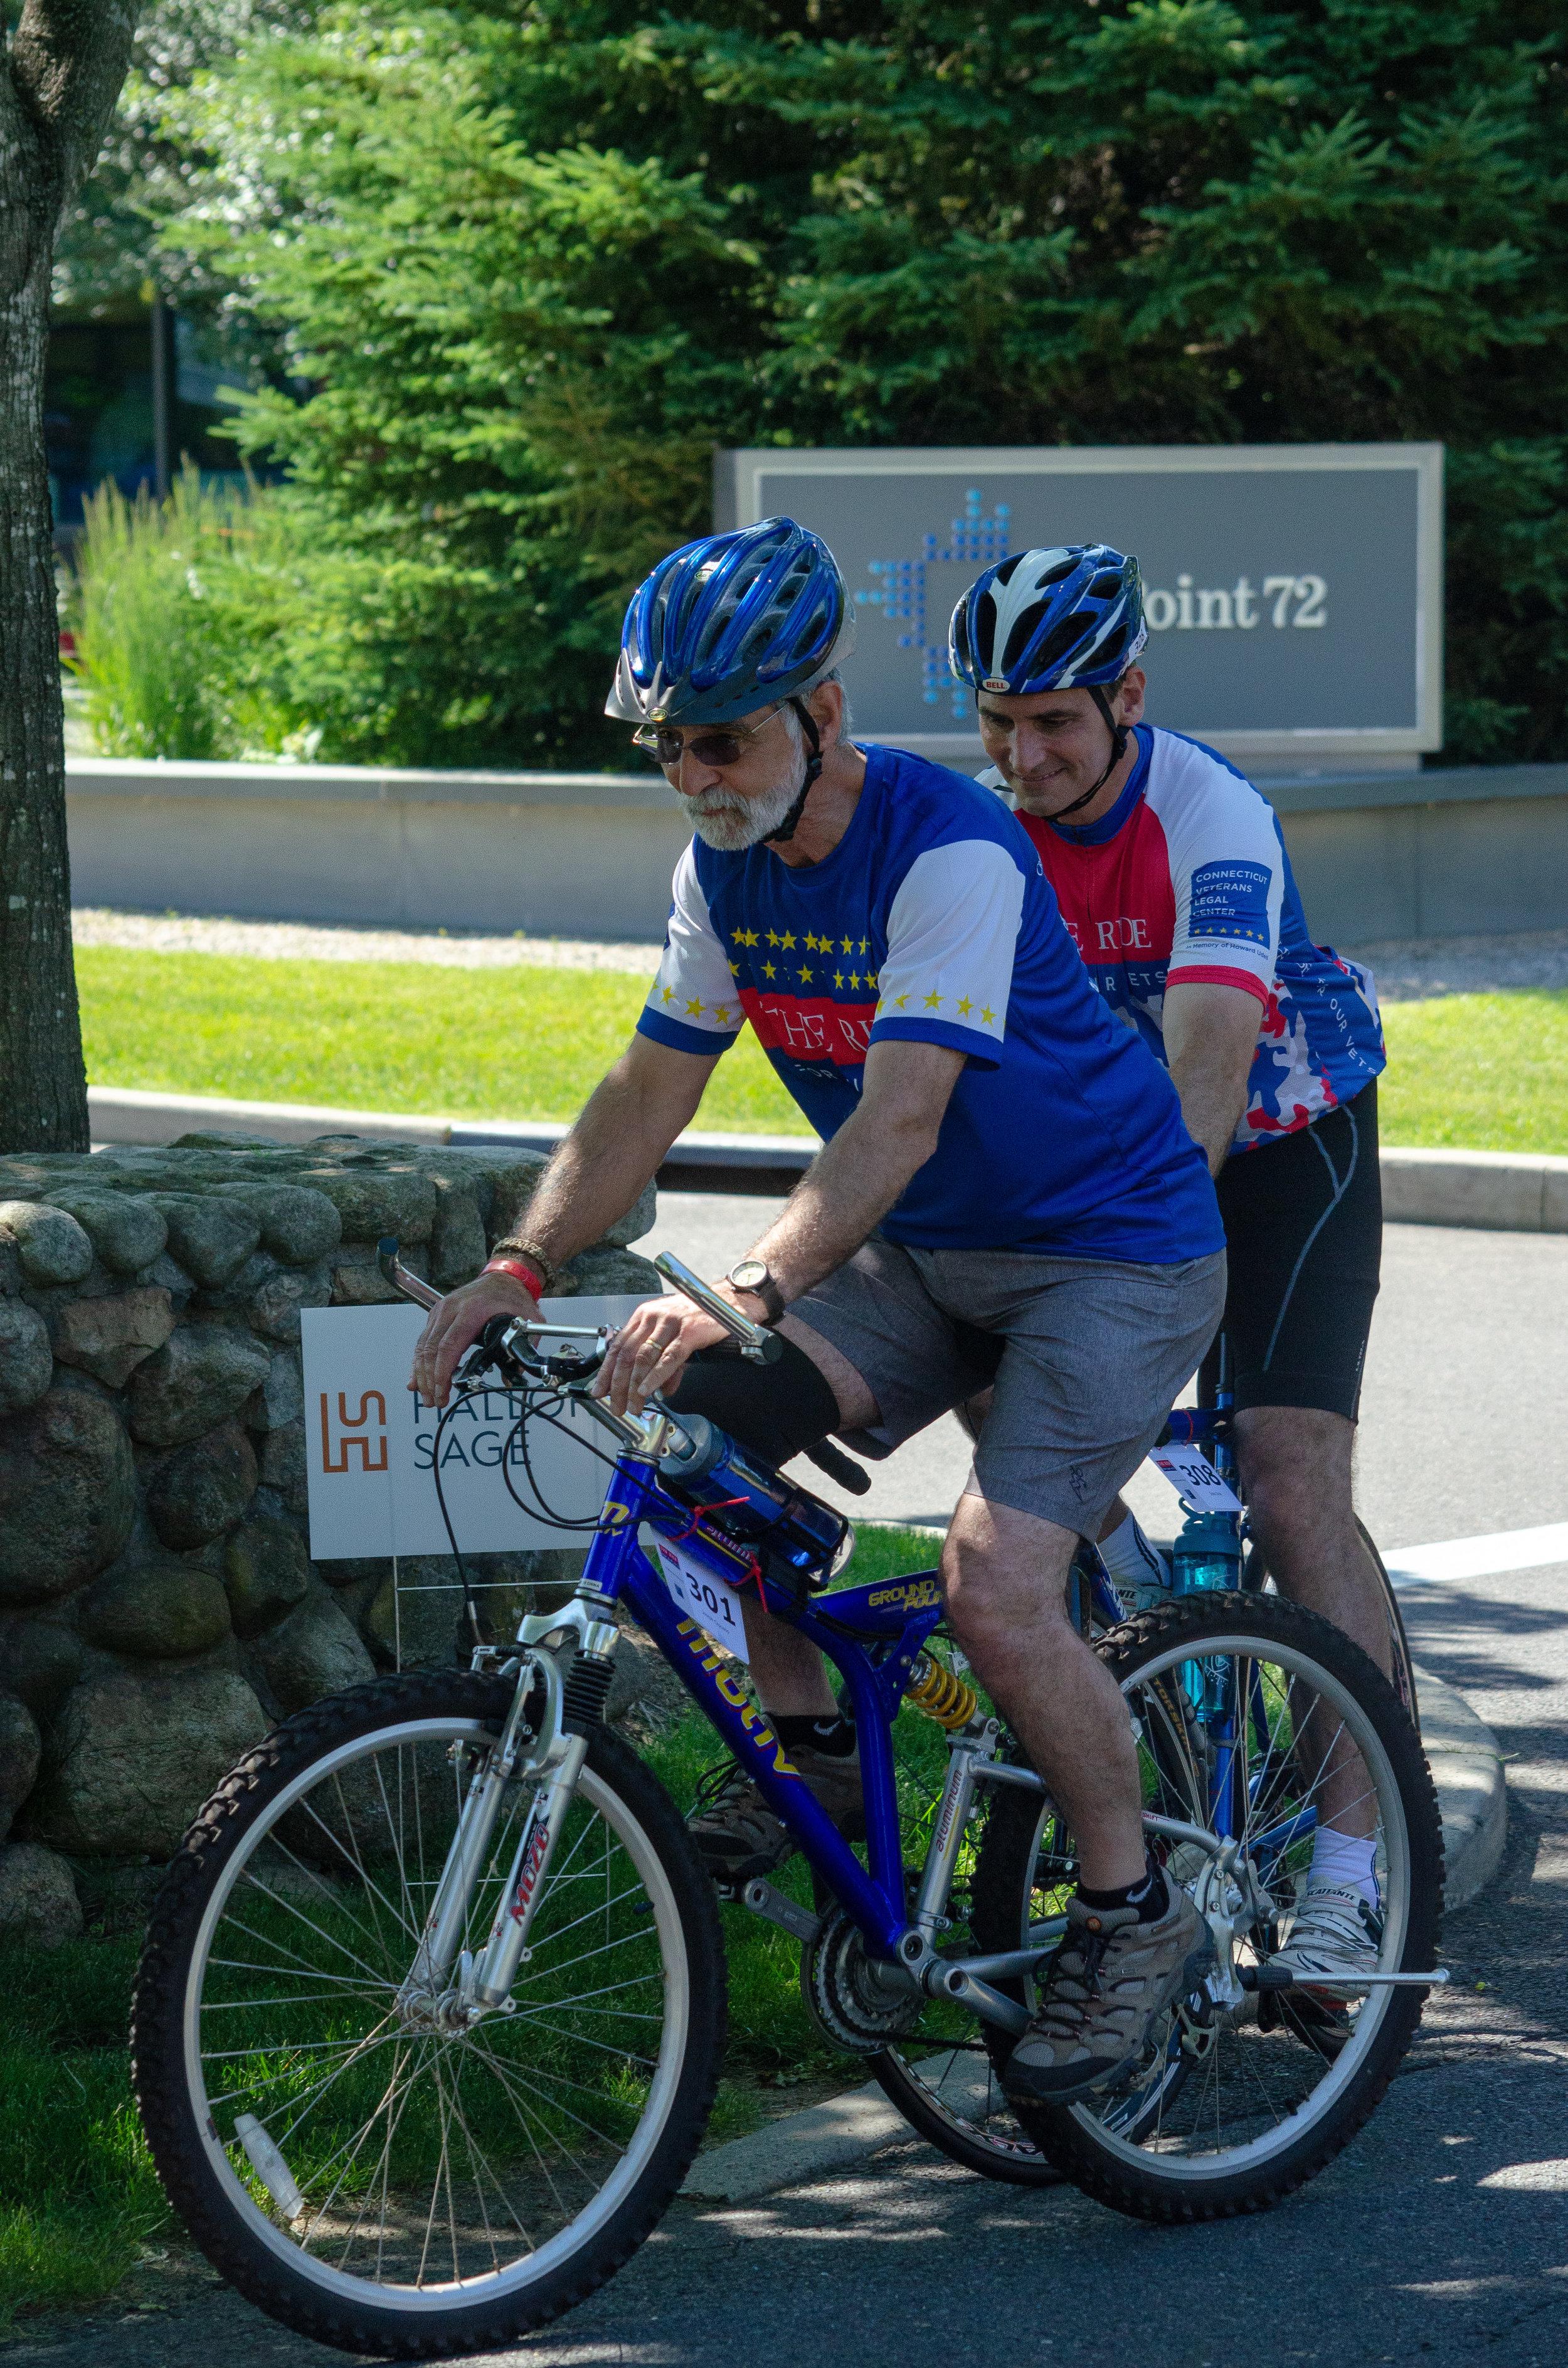 Riders_DSC_0861.jpg